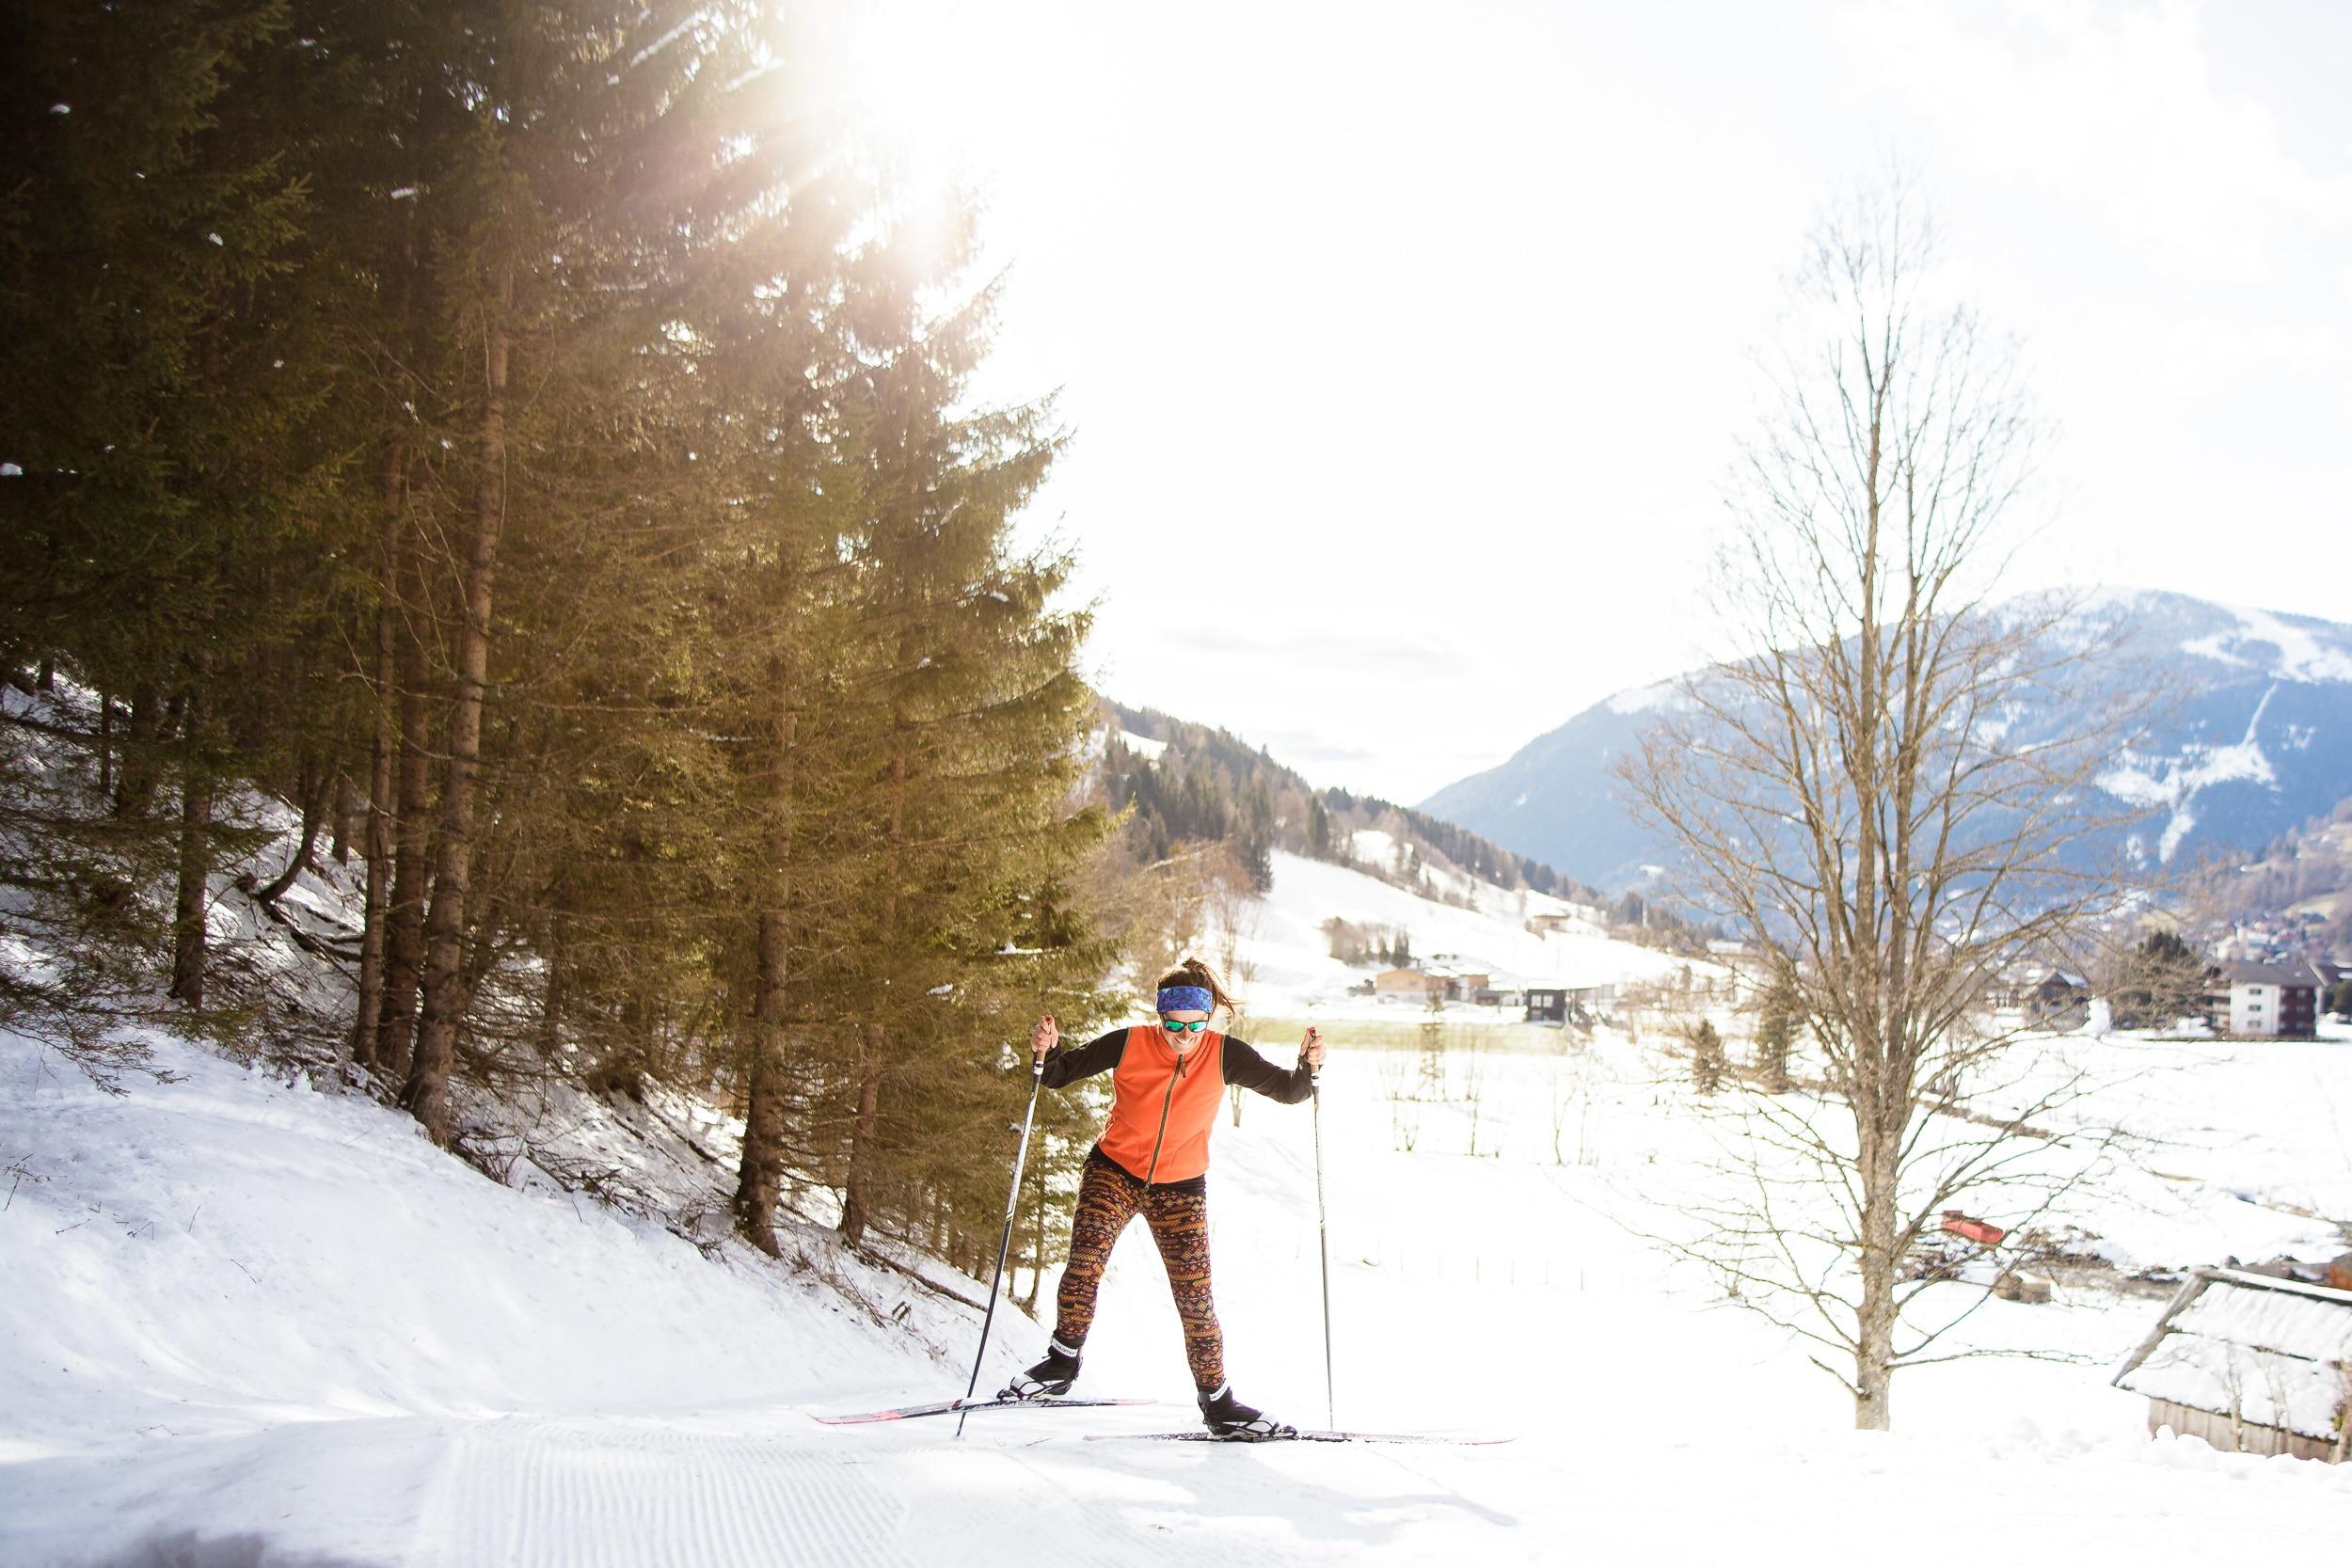 Sportloipe in Bad Kleinkirchheim bei der Sportarena